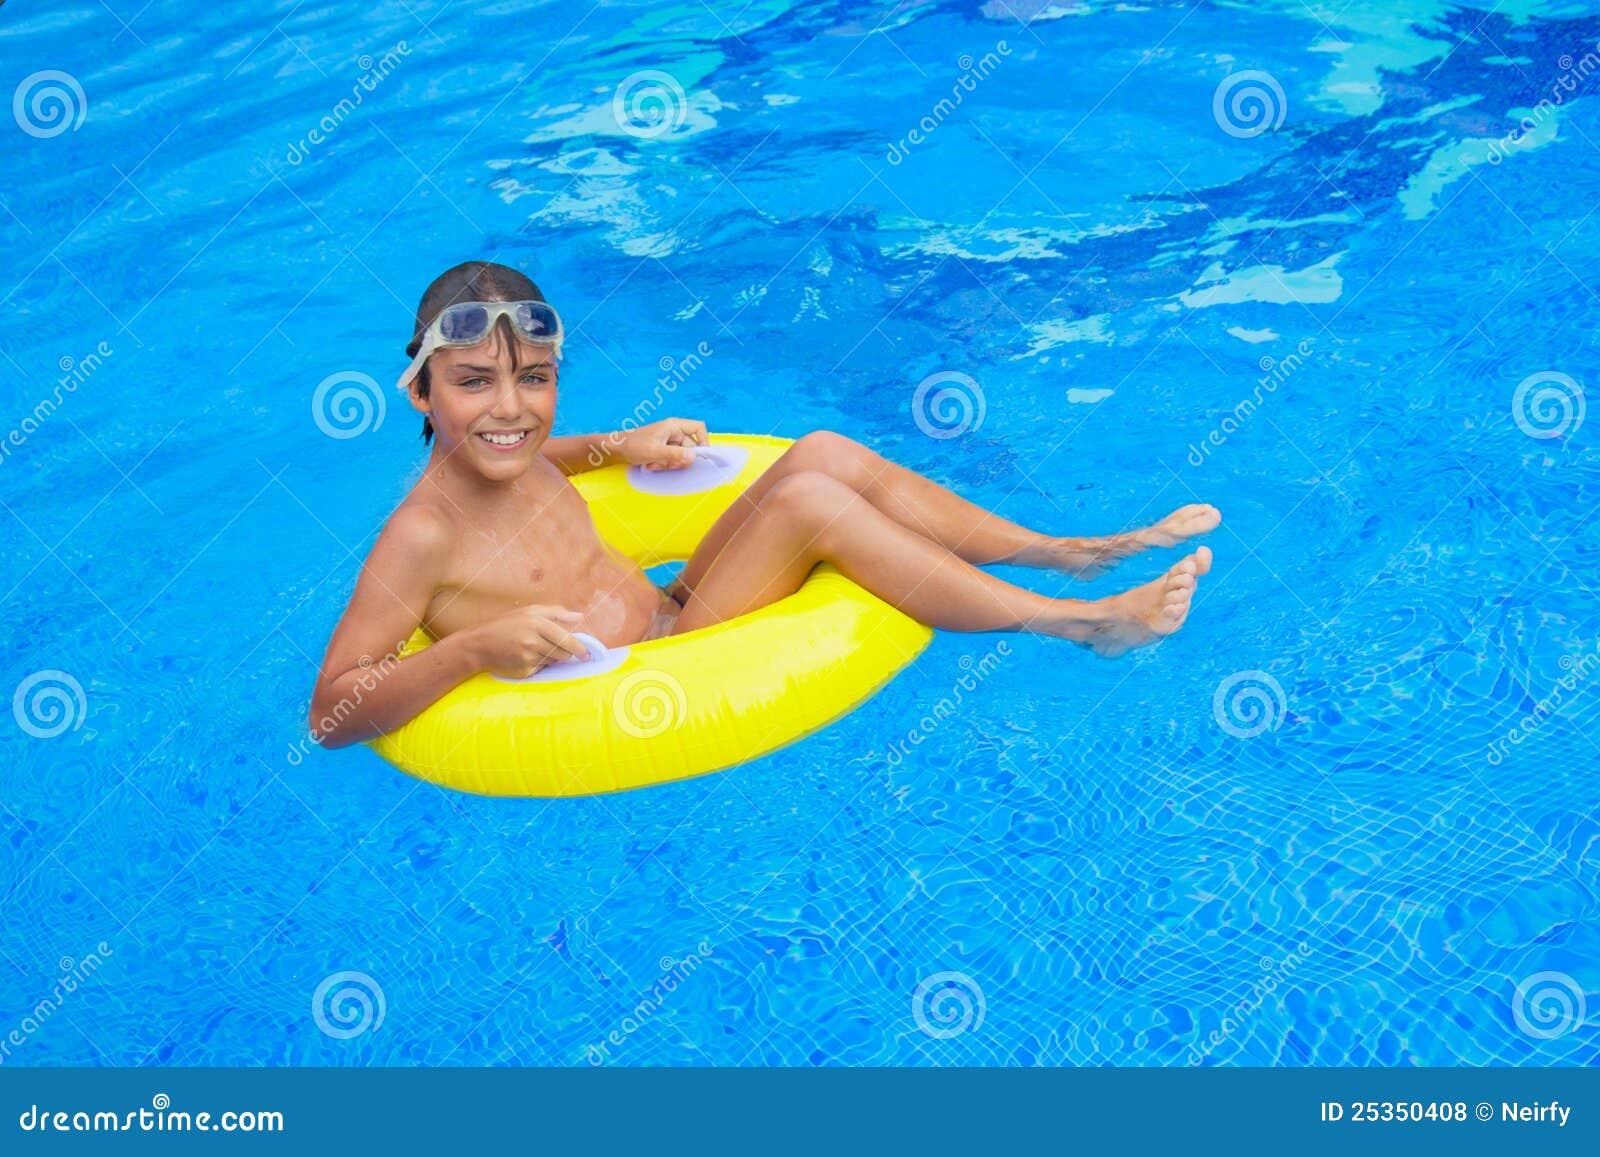 С мальчиком у бассейна 13 фотография